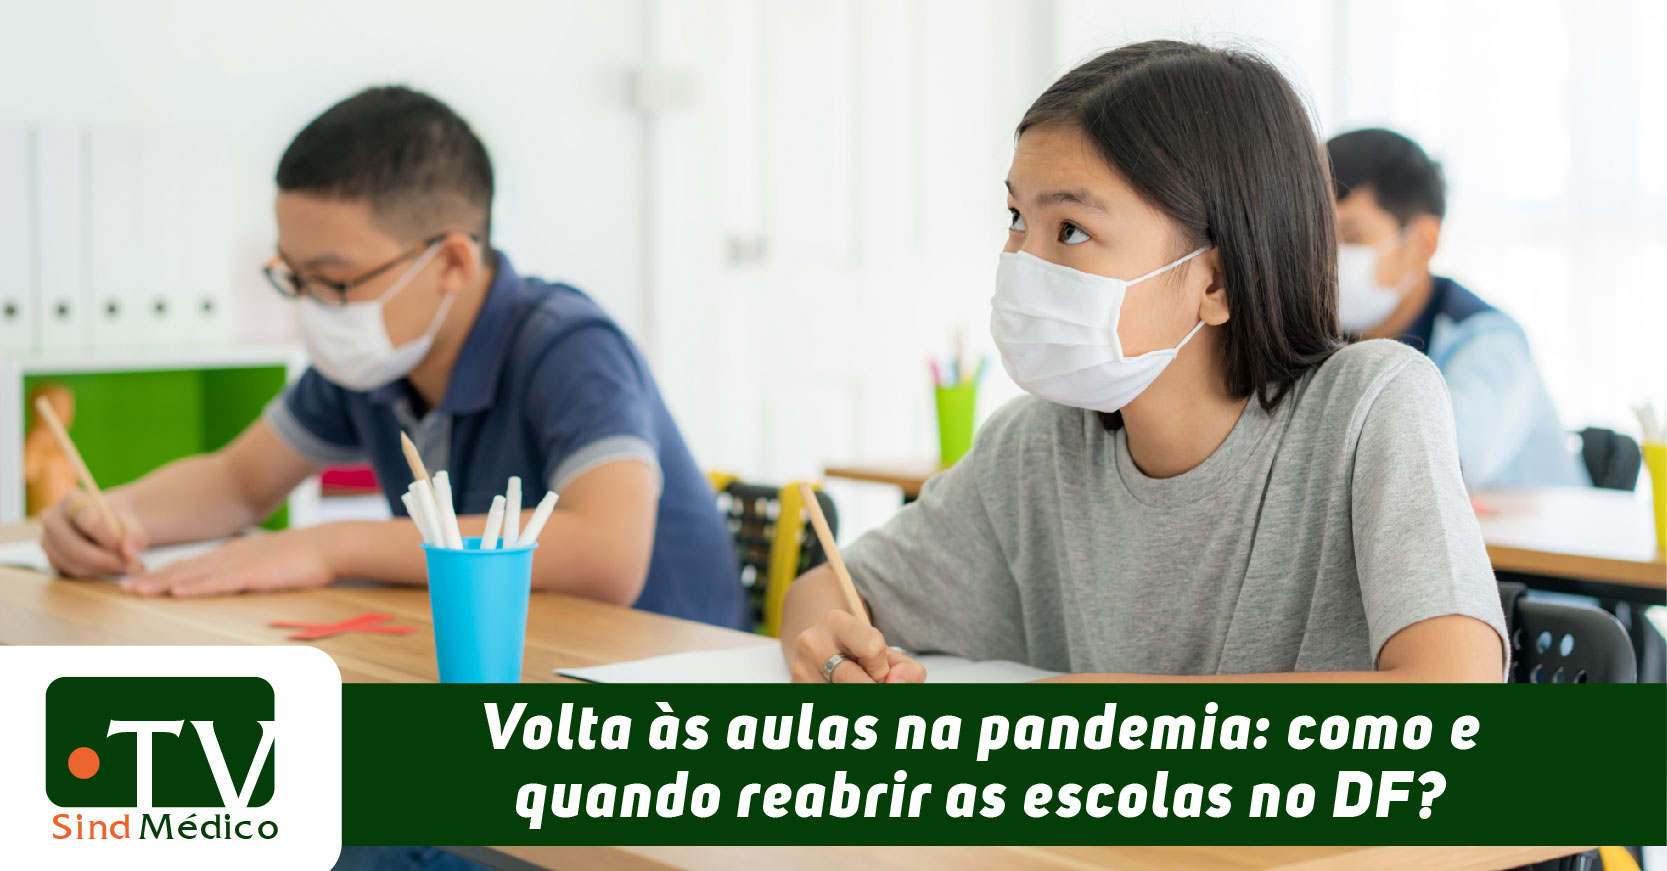 Coronavírus: o retorno das aulas no DF em pauta na TV SindMédico